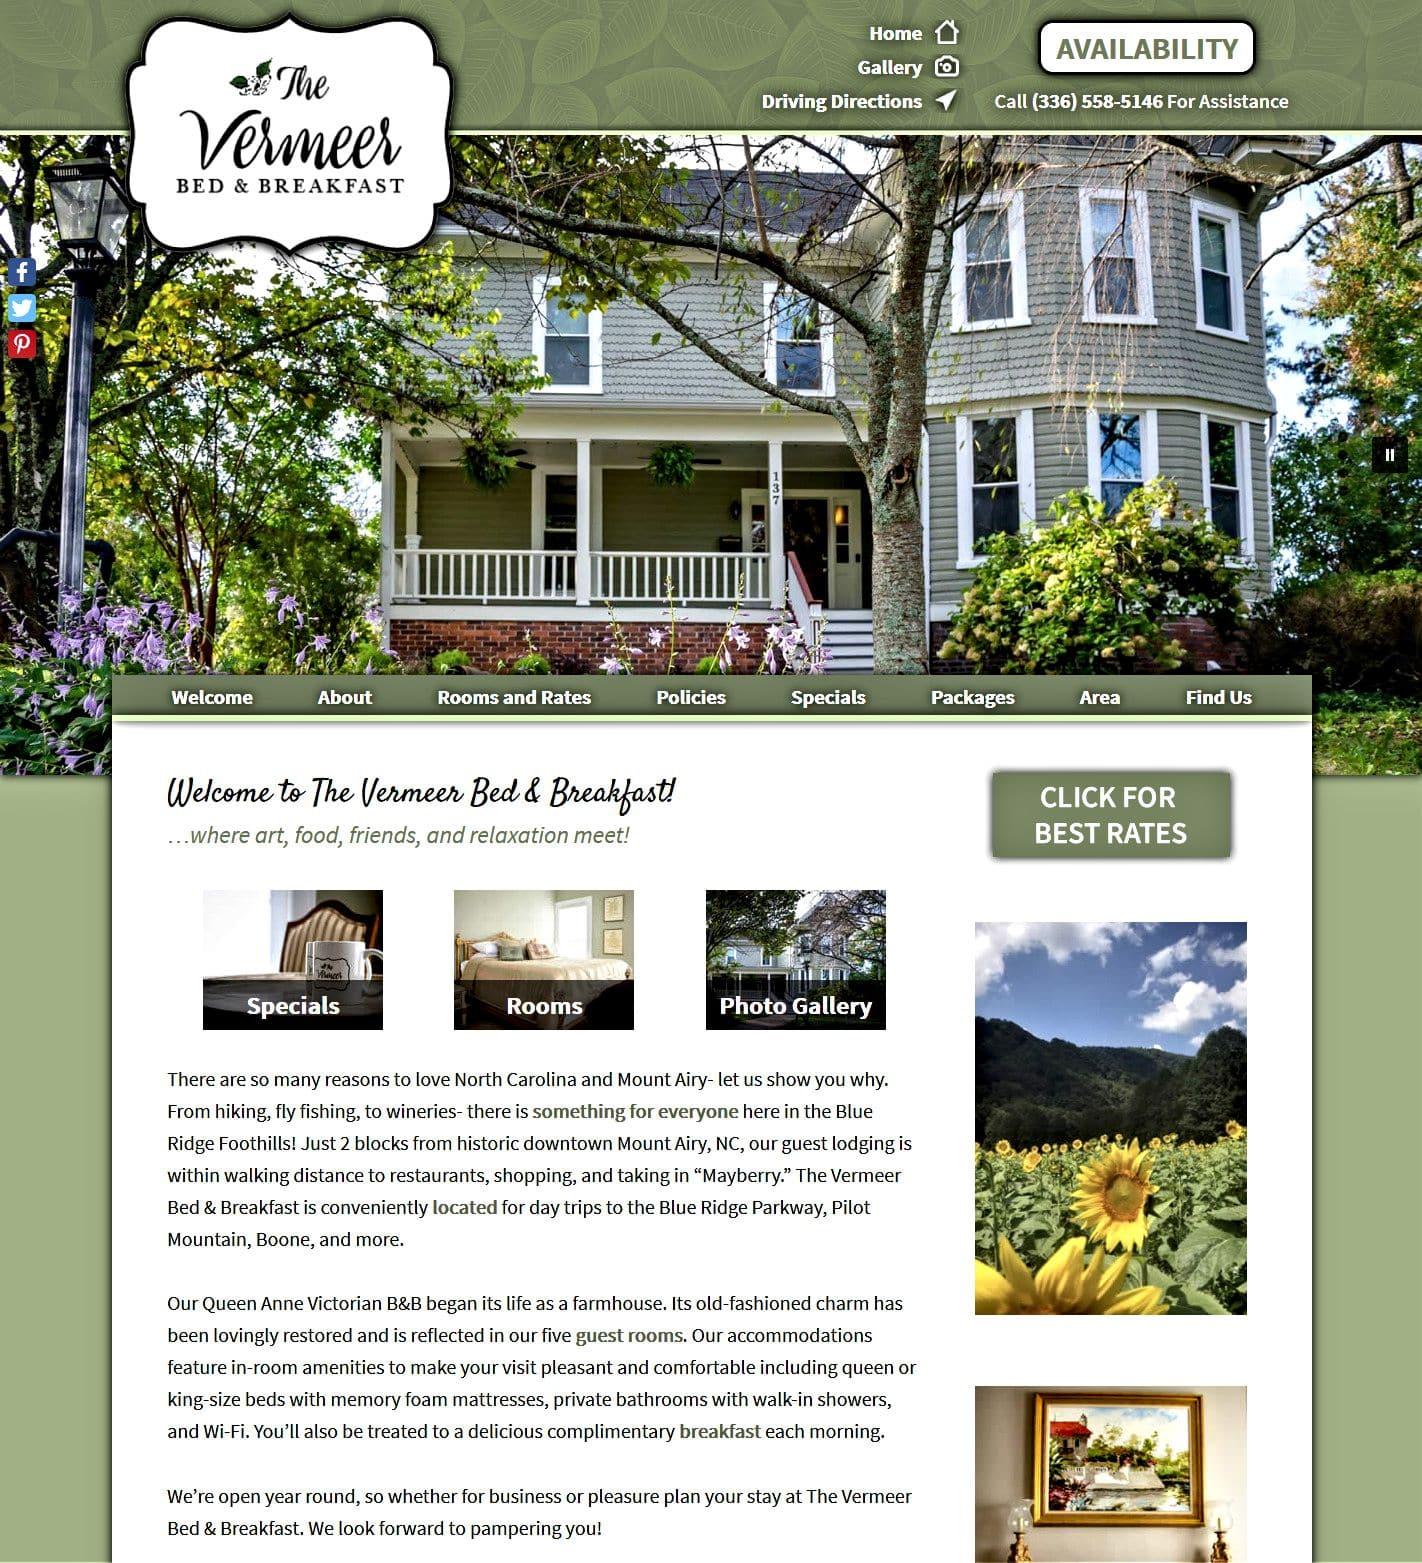 Vermeer Bed and Breakfats website homepage